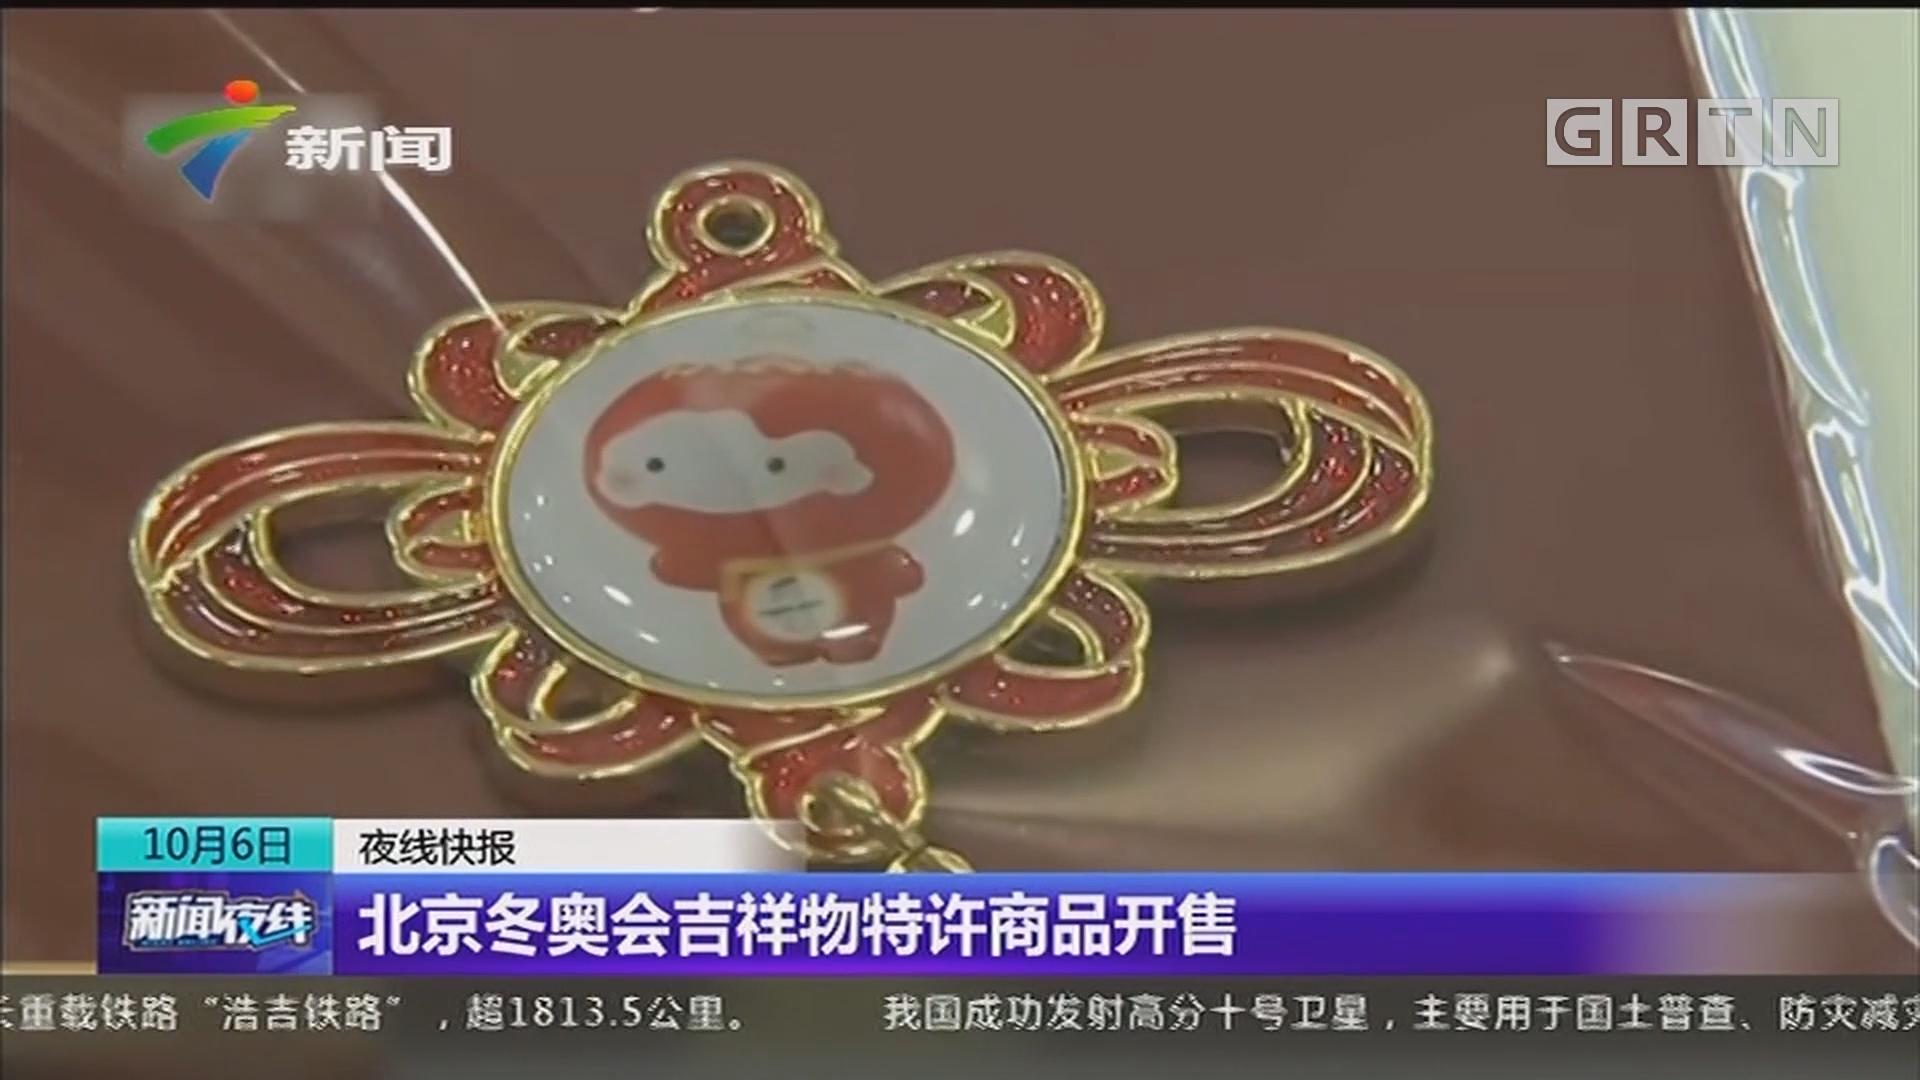 北京冬奥会吉祥物特许商品开售